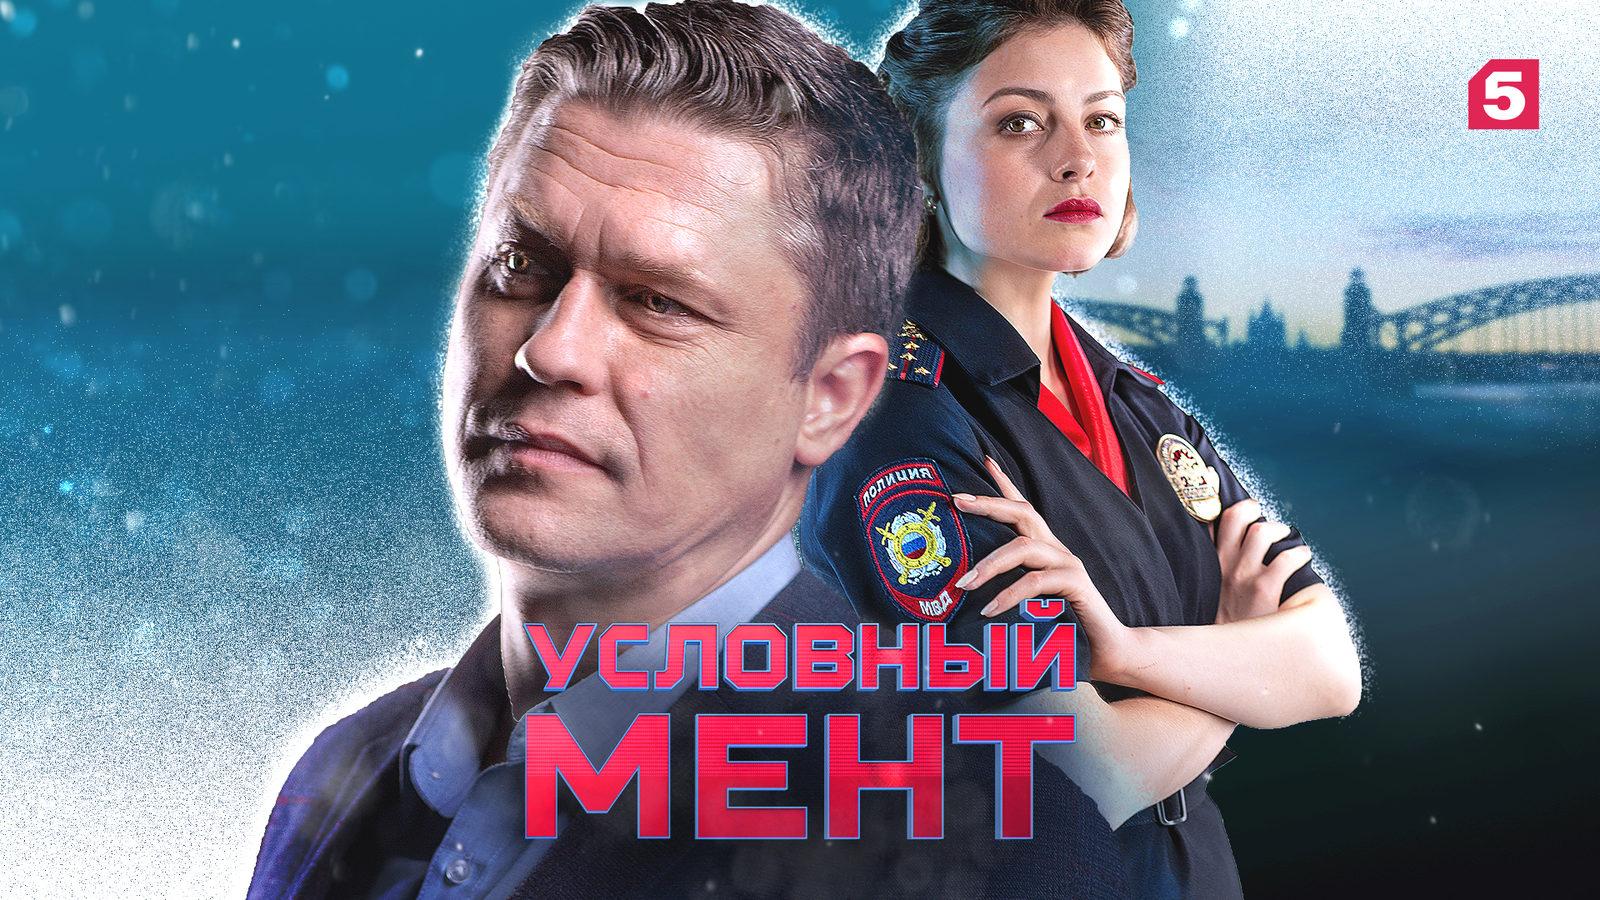 Денис Рожков в новом сериале «Условный мент» на Пятом канале